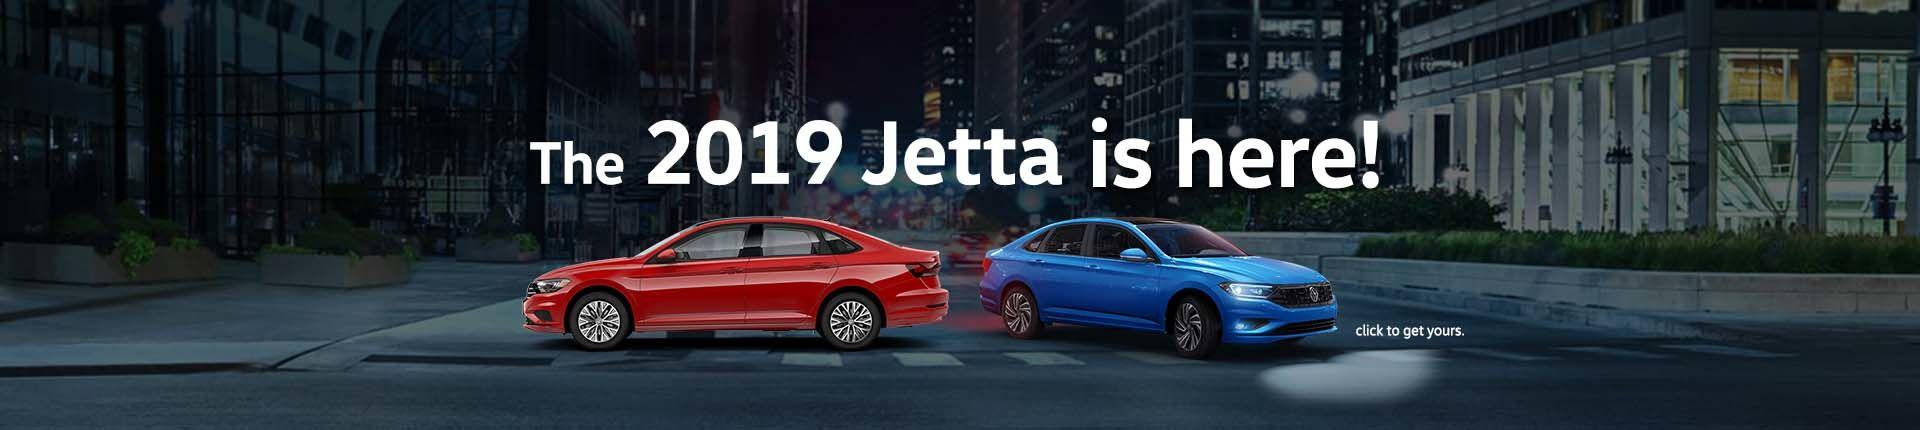 2019 All-new Jetta Pre-order